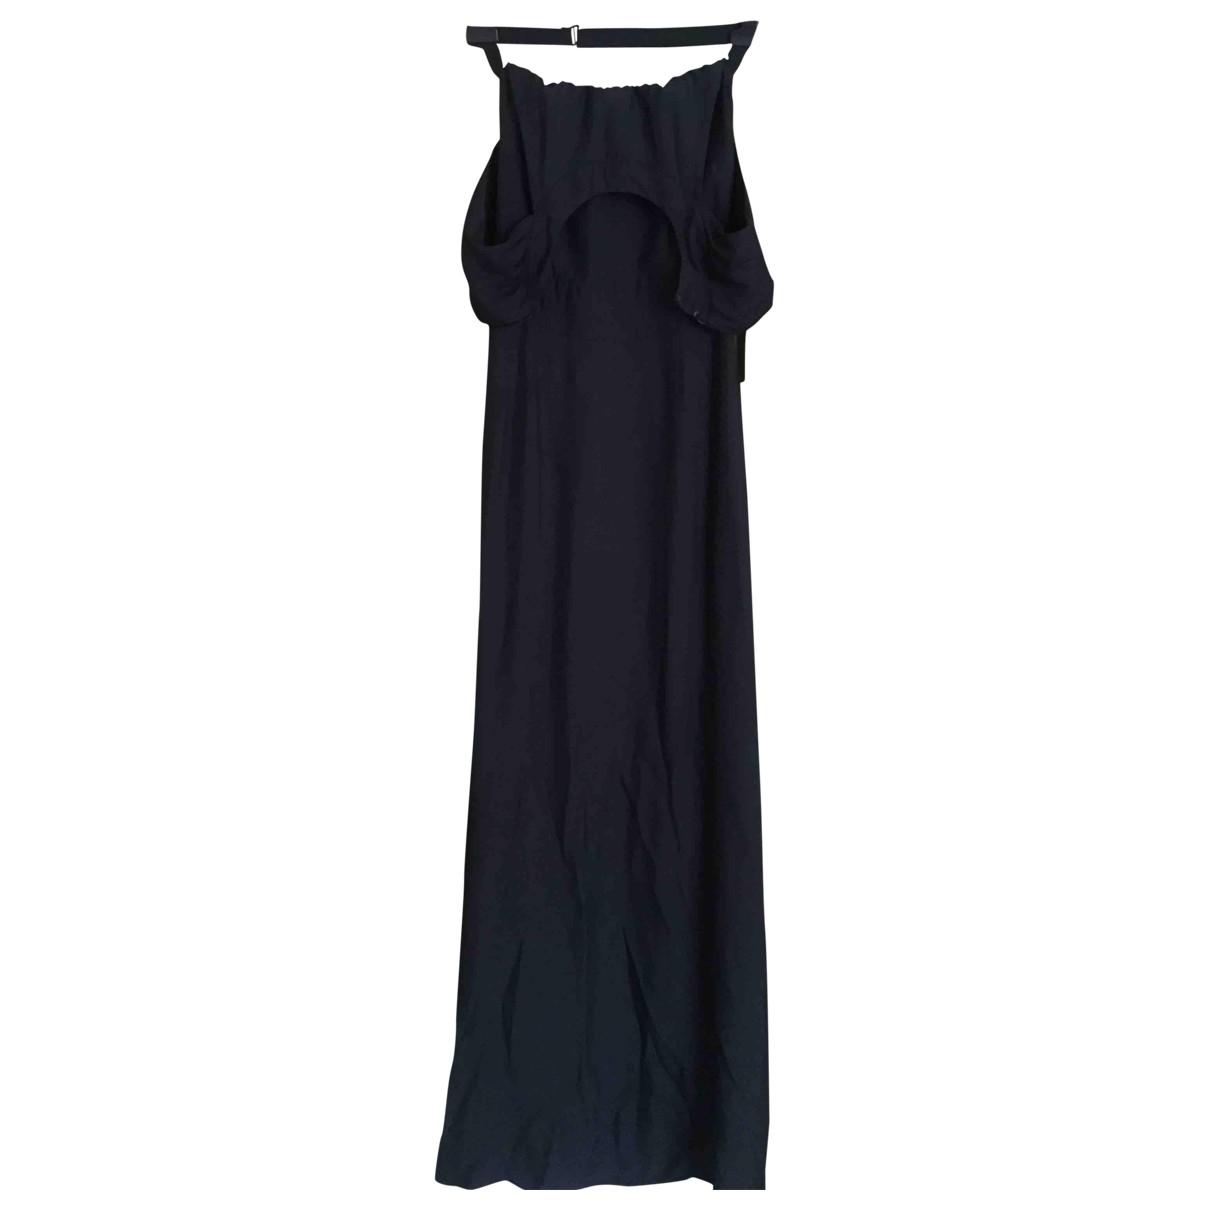 Maison Martin Margiela \N Black dress for Women 38 IT